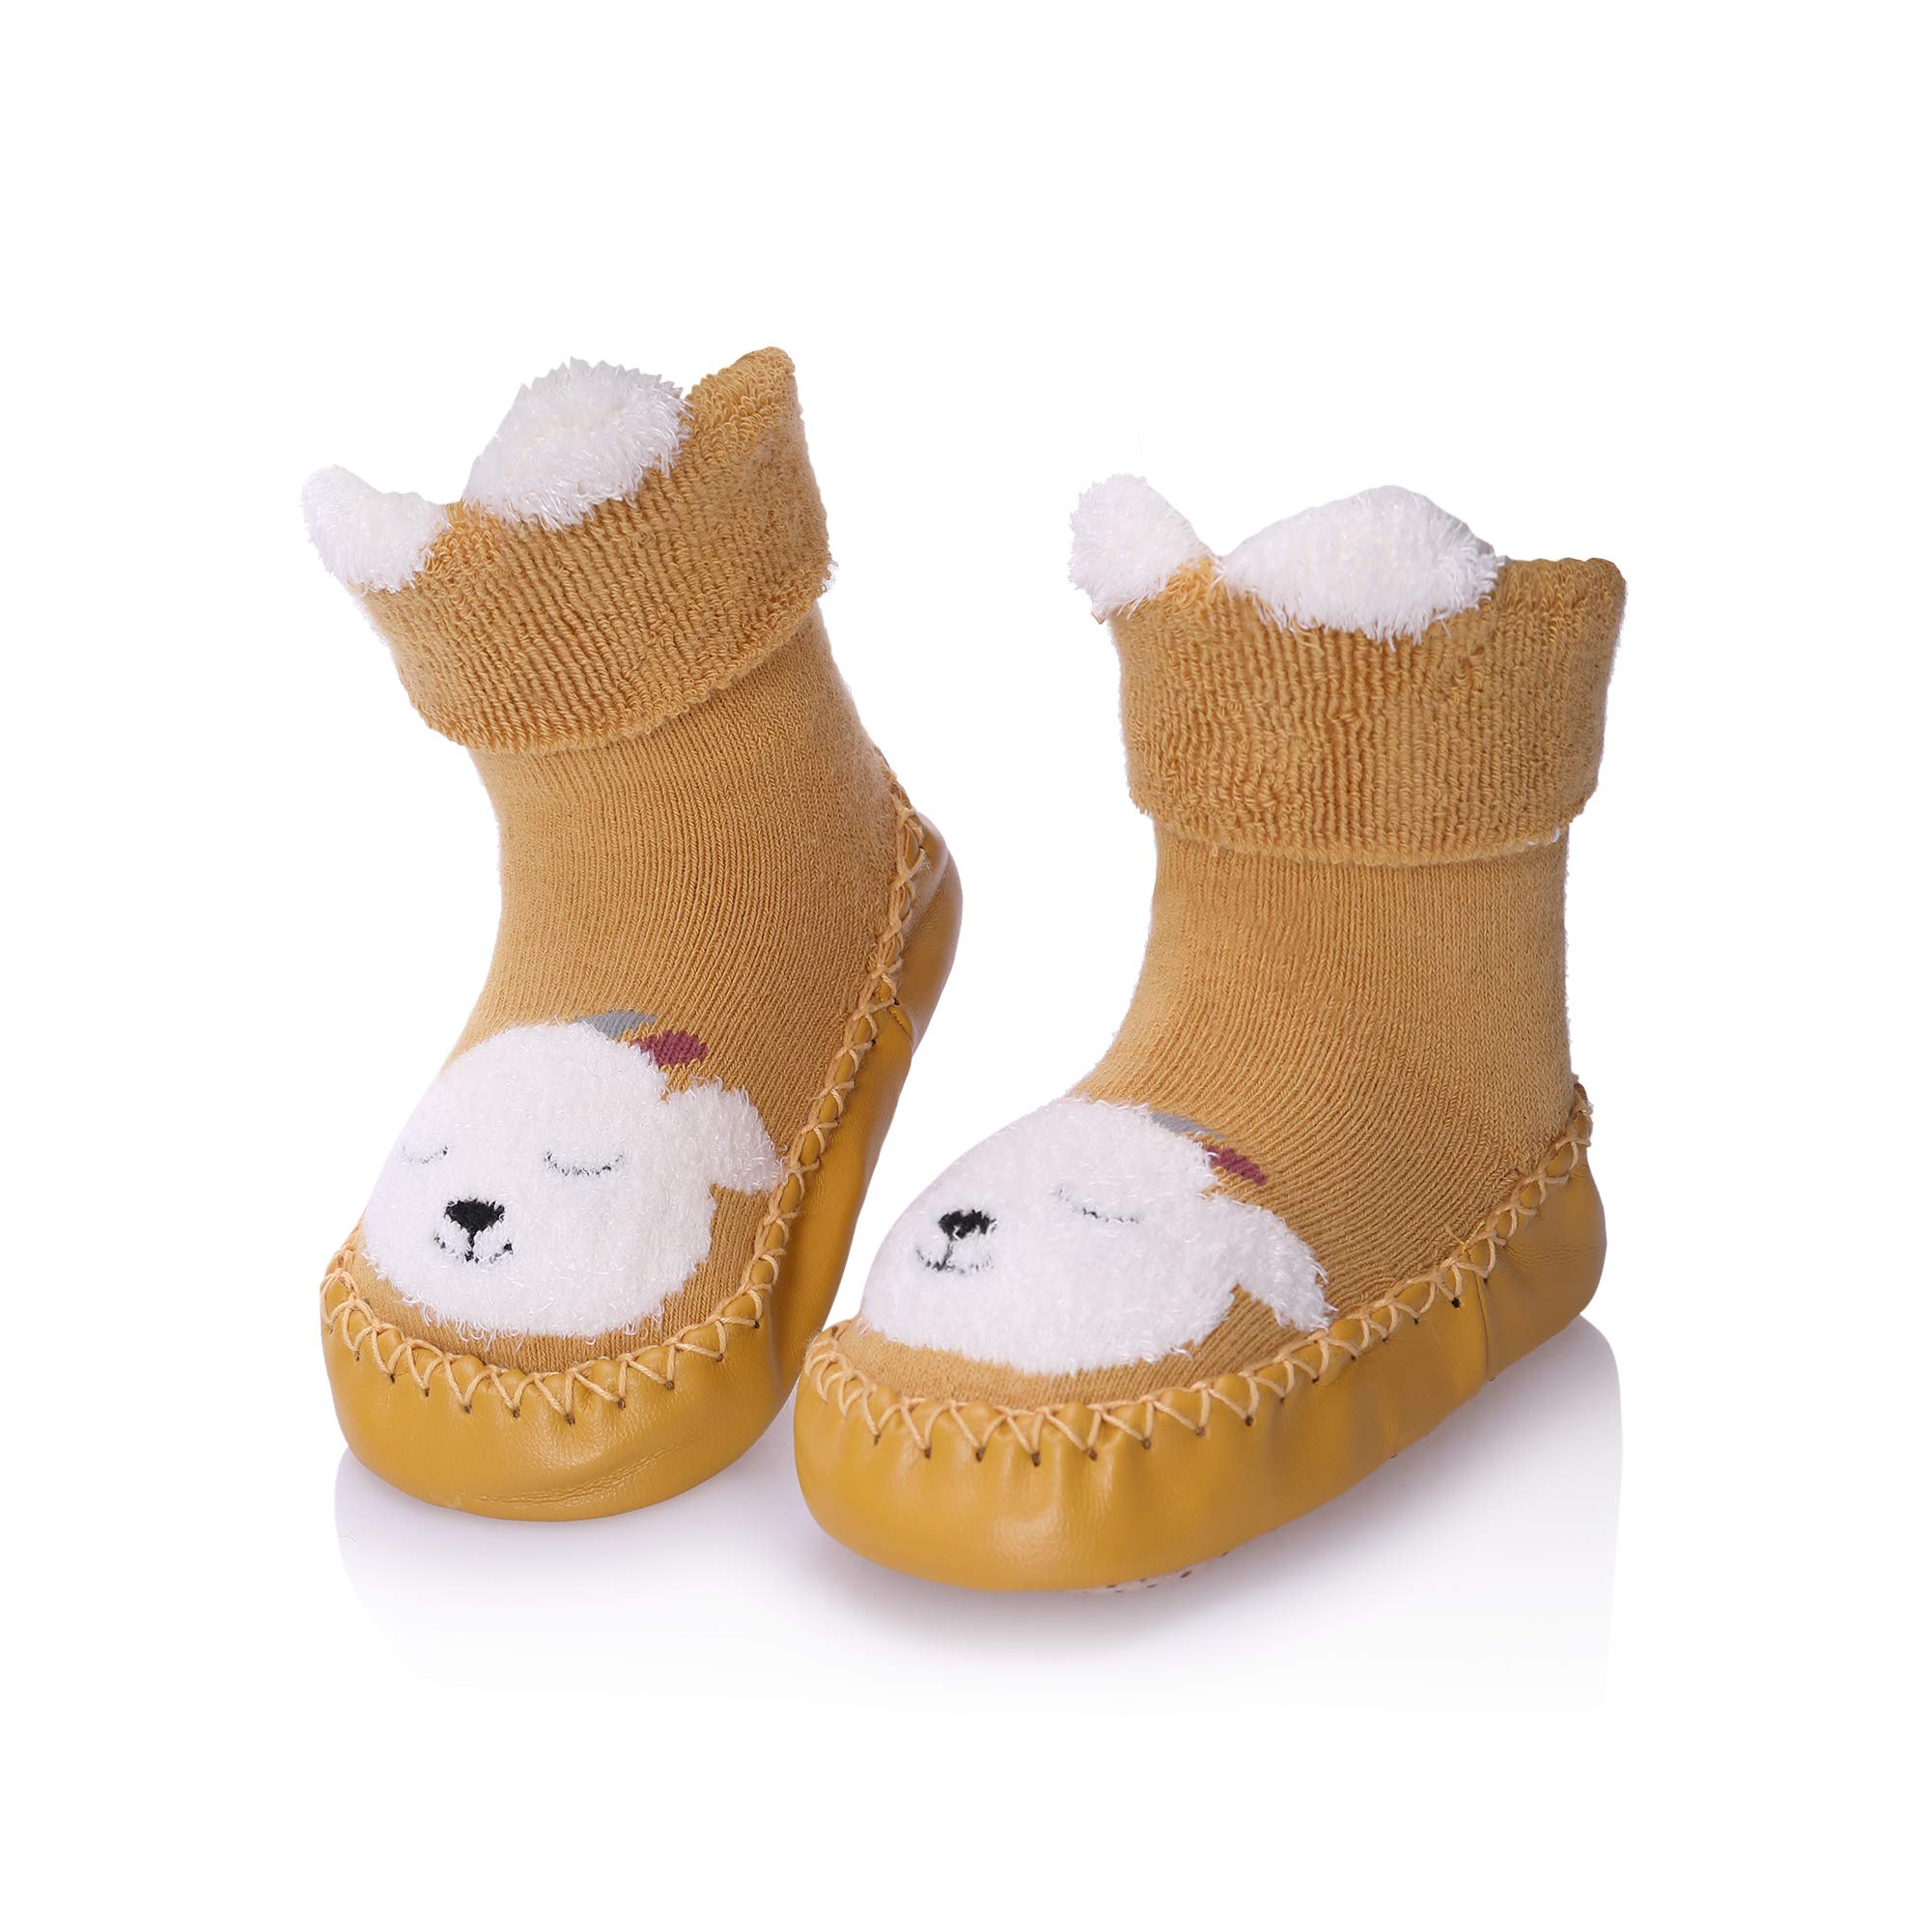 Baby Toddler Boys Girls Winter Non-slip Animal Slipper Shoe Socks Moccasins